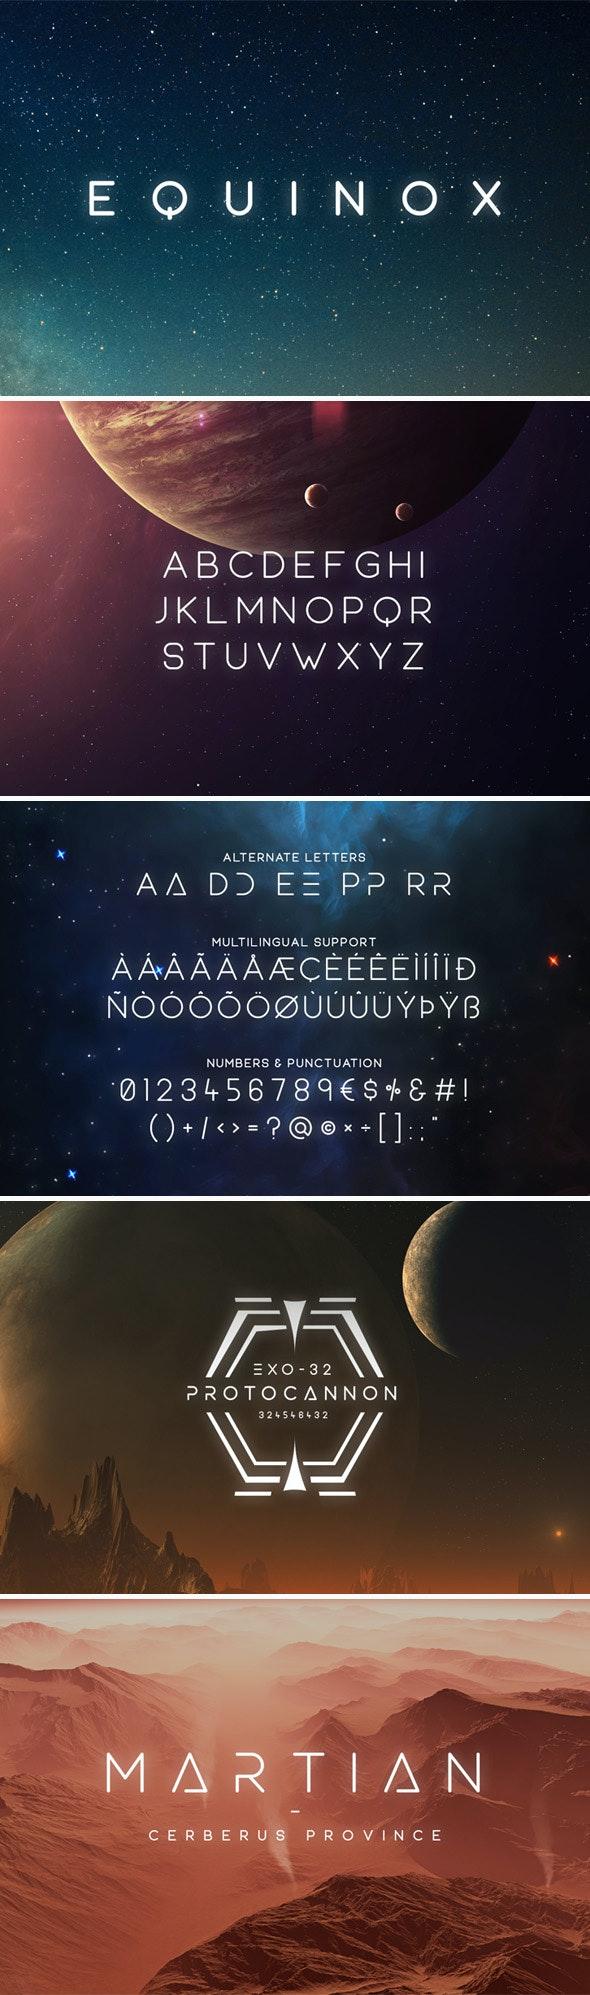 Equinox-Typeface-Decorative-Font-www.mockuphill.com